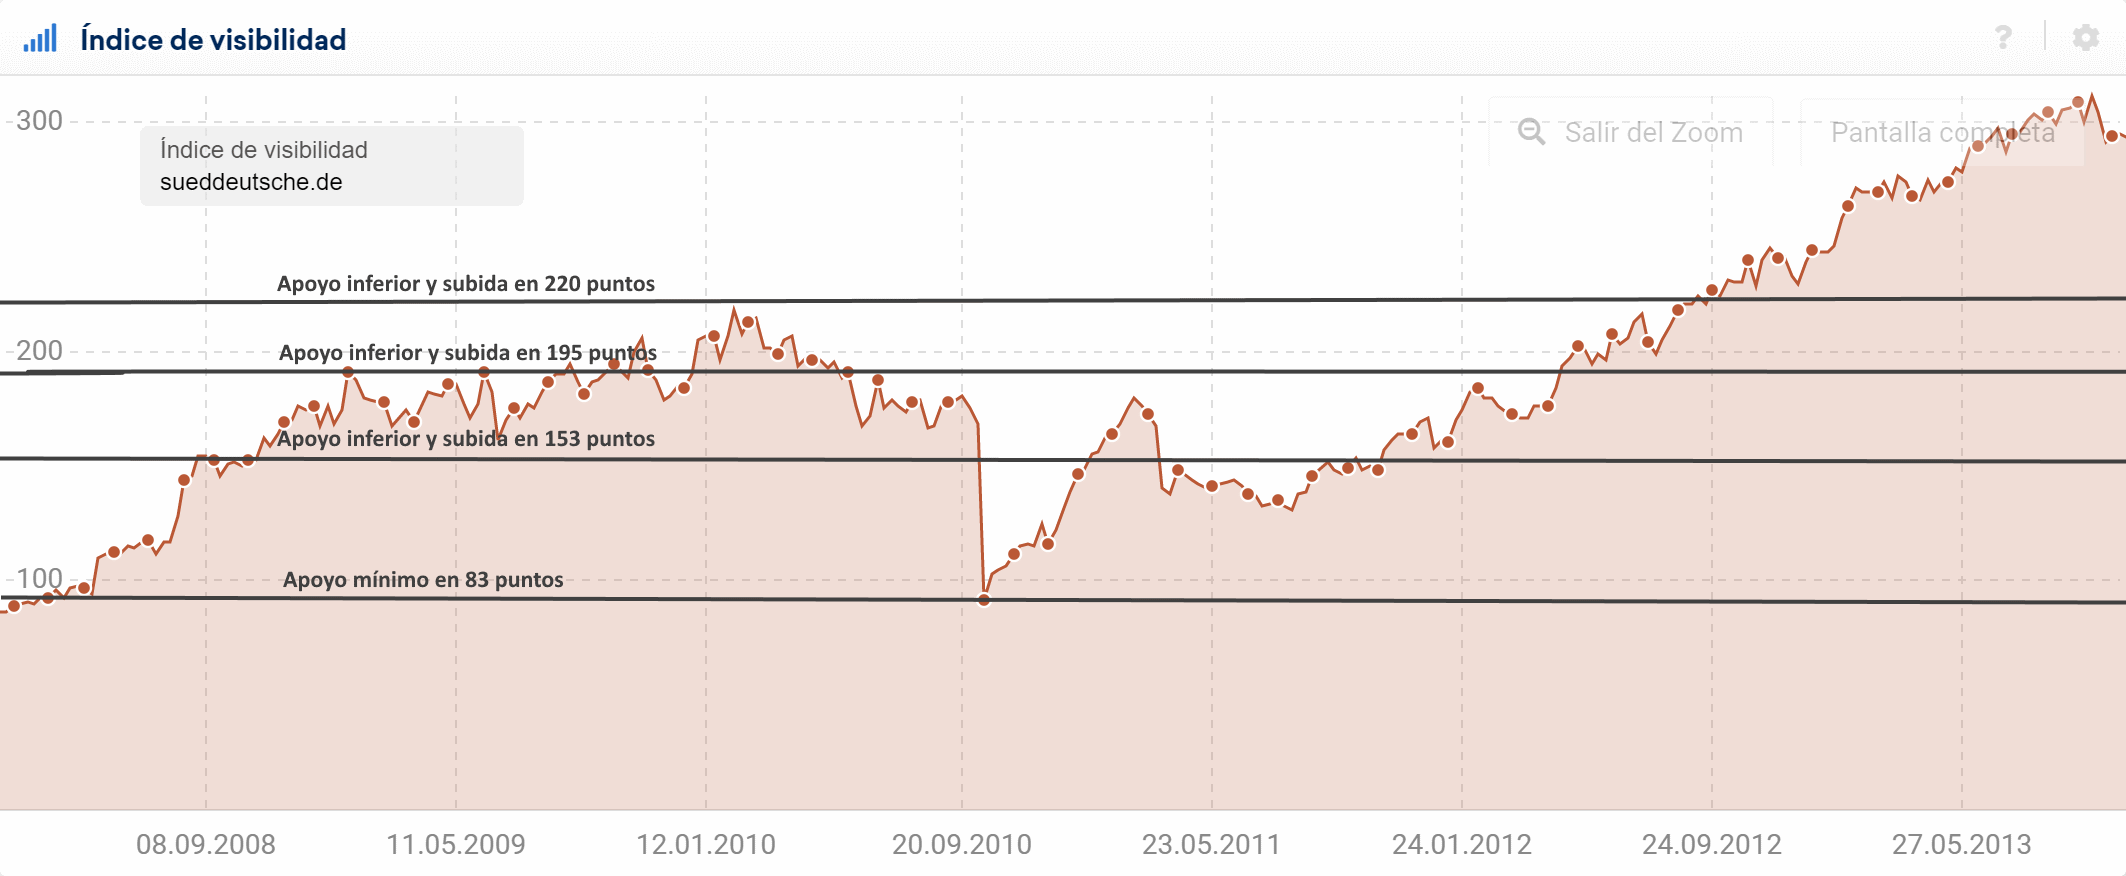 Explicación de los apoyos para entender las tendencias dentro del índice de visibilidad SISTRIX